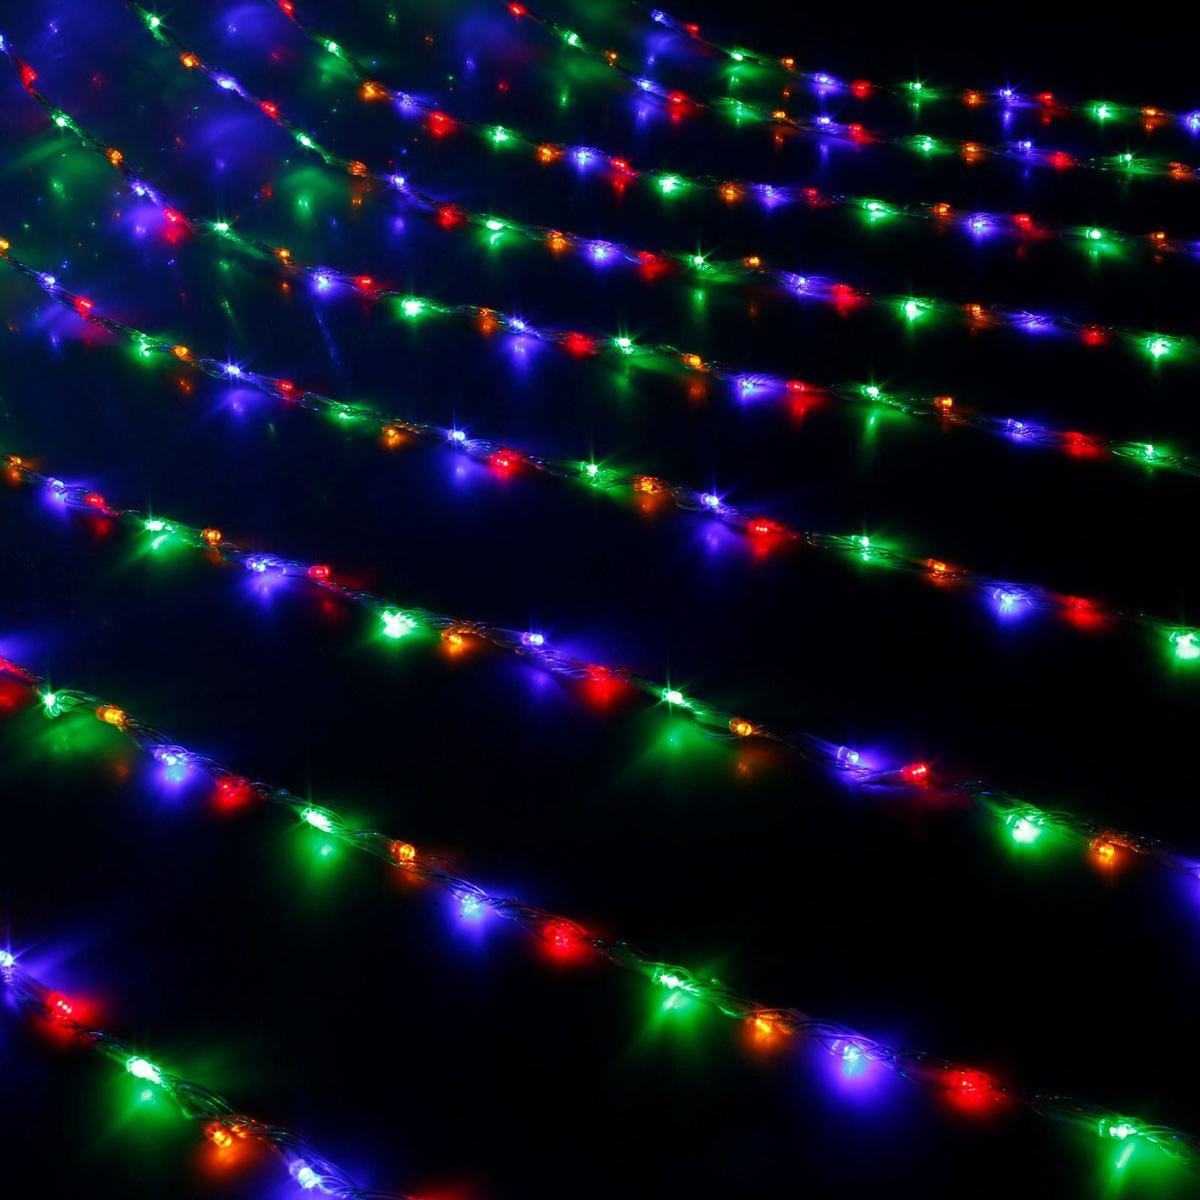 Гирлянда светодиодная Luazon Дождь, уличная, 8 режимов, 800 ламп, 220 V, цвет: мультиколор, 2 х 3 м. 671676671676Светодиодные гирлянды, ленты и т.д — это отличный вариант для новогоднего оформления интерьера или фасада. С их помощью помещение любого размера можно превратить в праздничный зал, а внешние элементы зданий, украшенные ими, мгновенно станут напоминать очертания сказочного дворца. Такие украшения создают ауру предвкушения чуда. Деревья, фасады, витрины, окна и арки будто специально созданы, чтобы вы украсили их светящимися нитями.